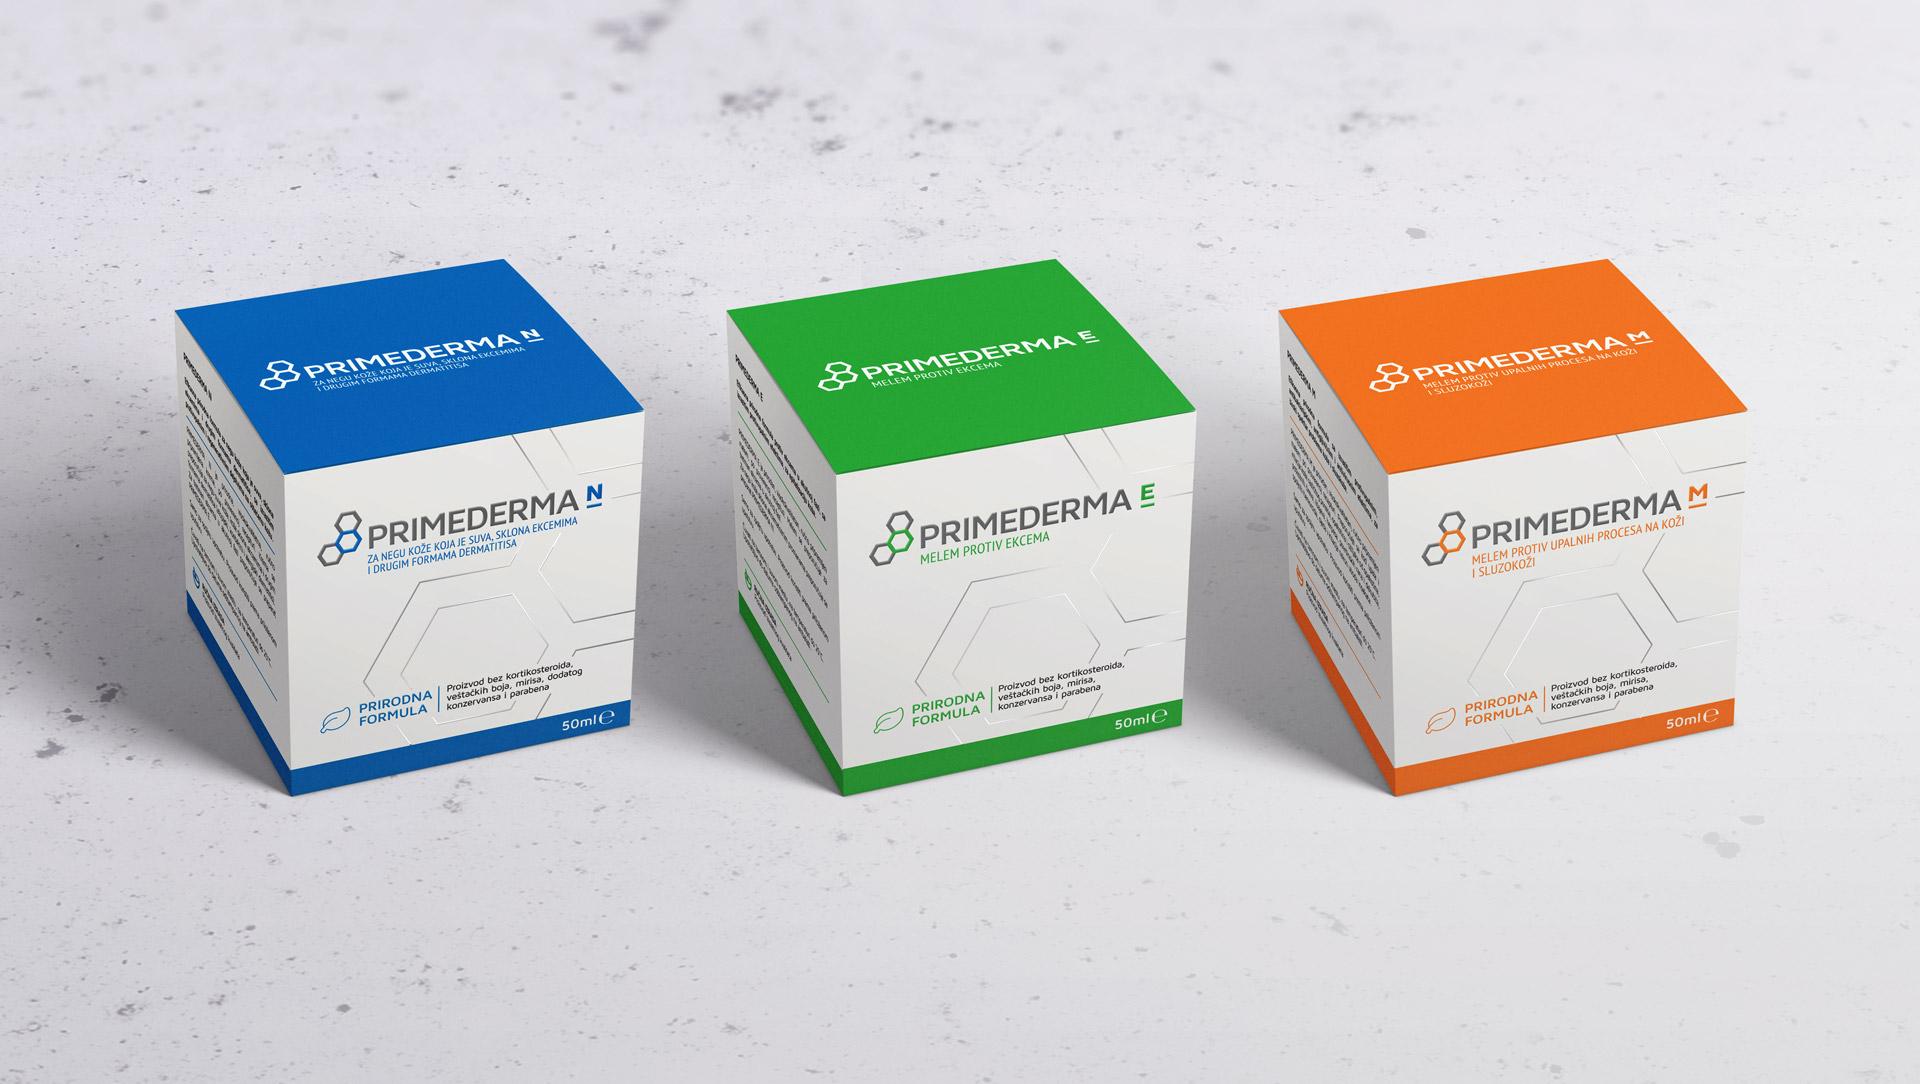 Dizajn i izrada pakovanja za Primedermu